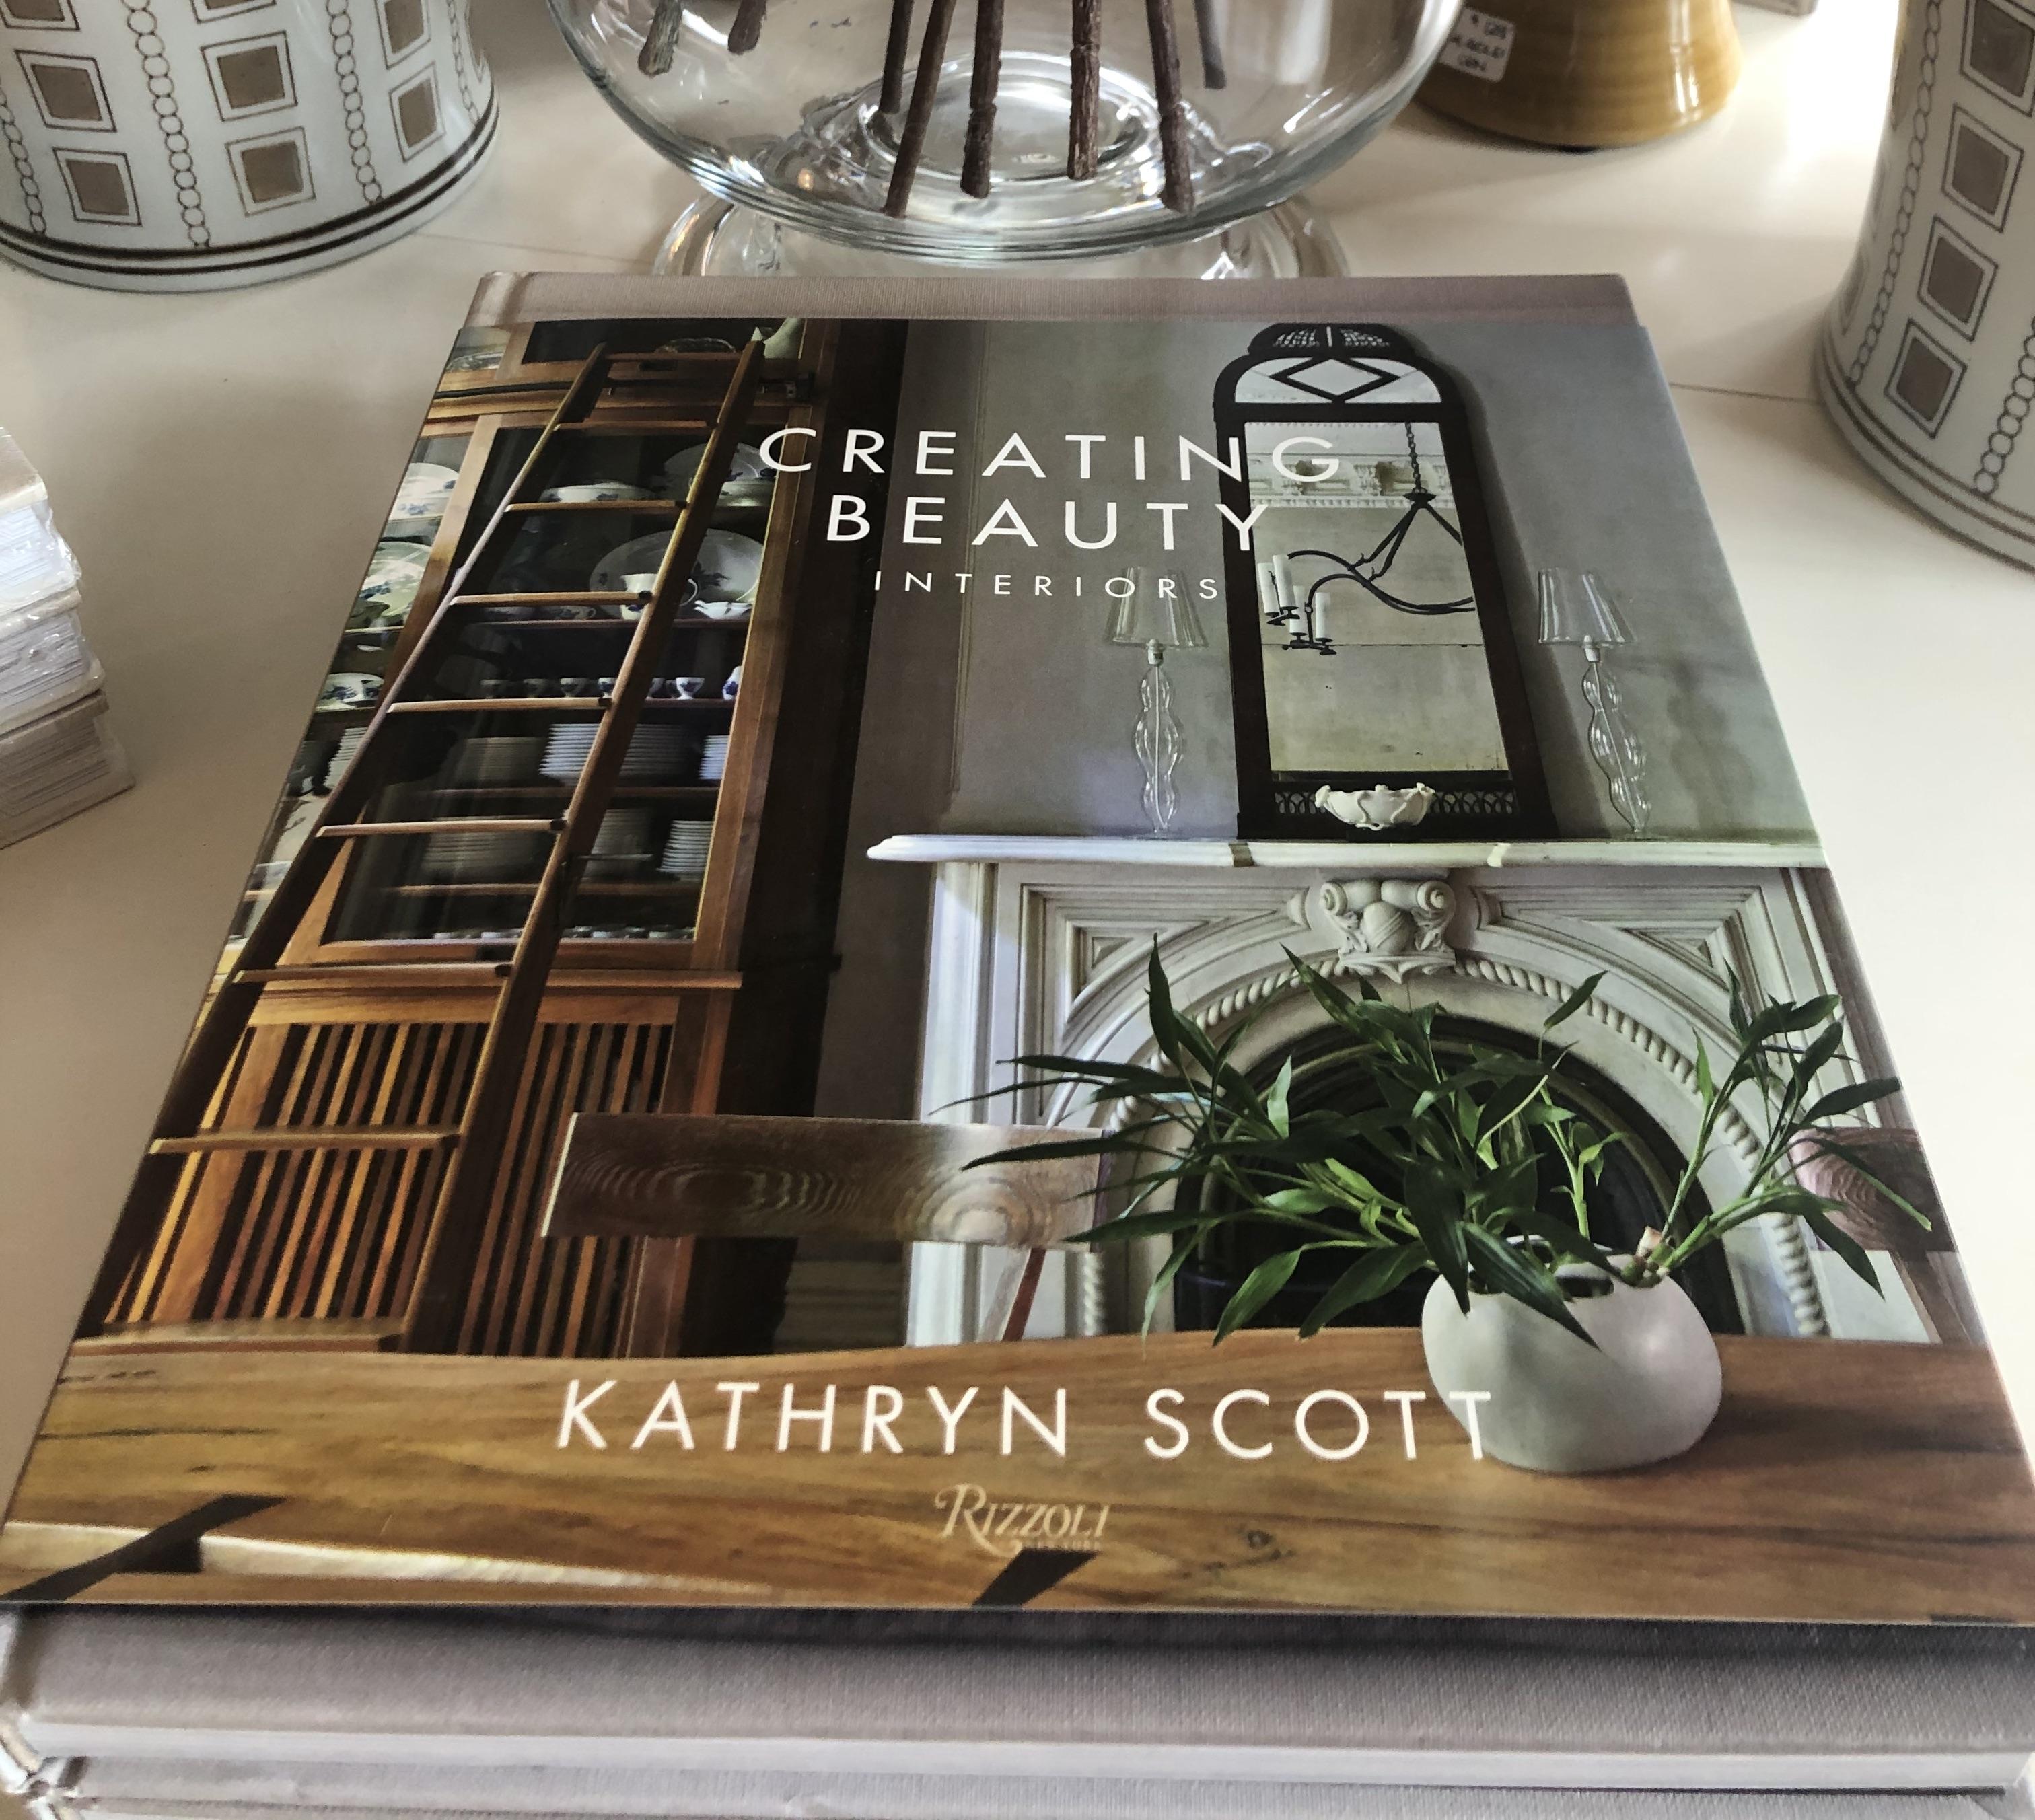 Creating Beauty by Kathryn Scott